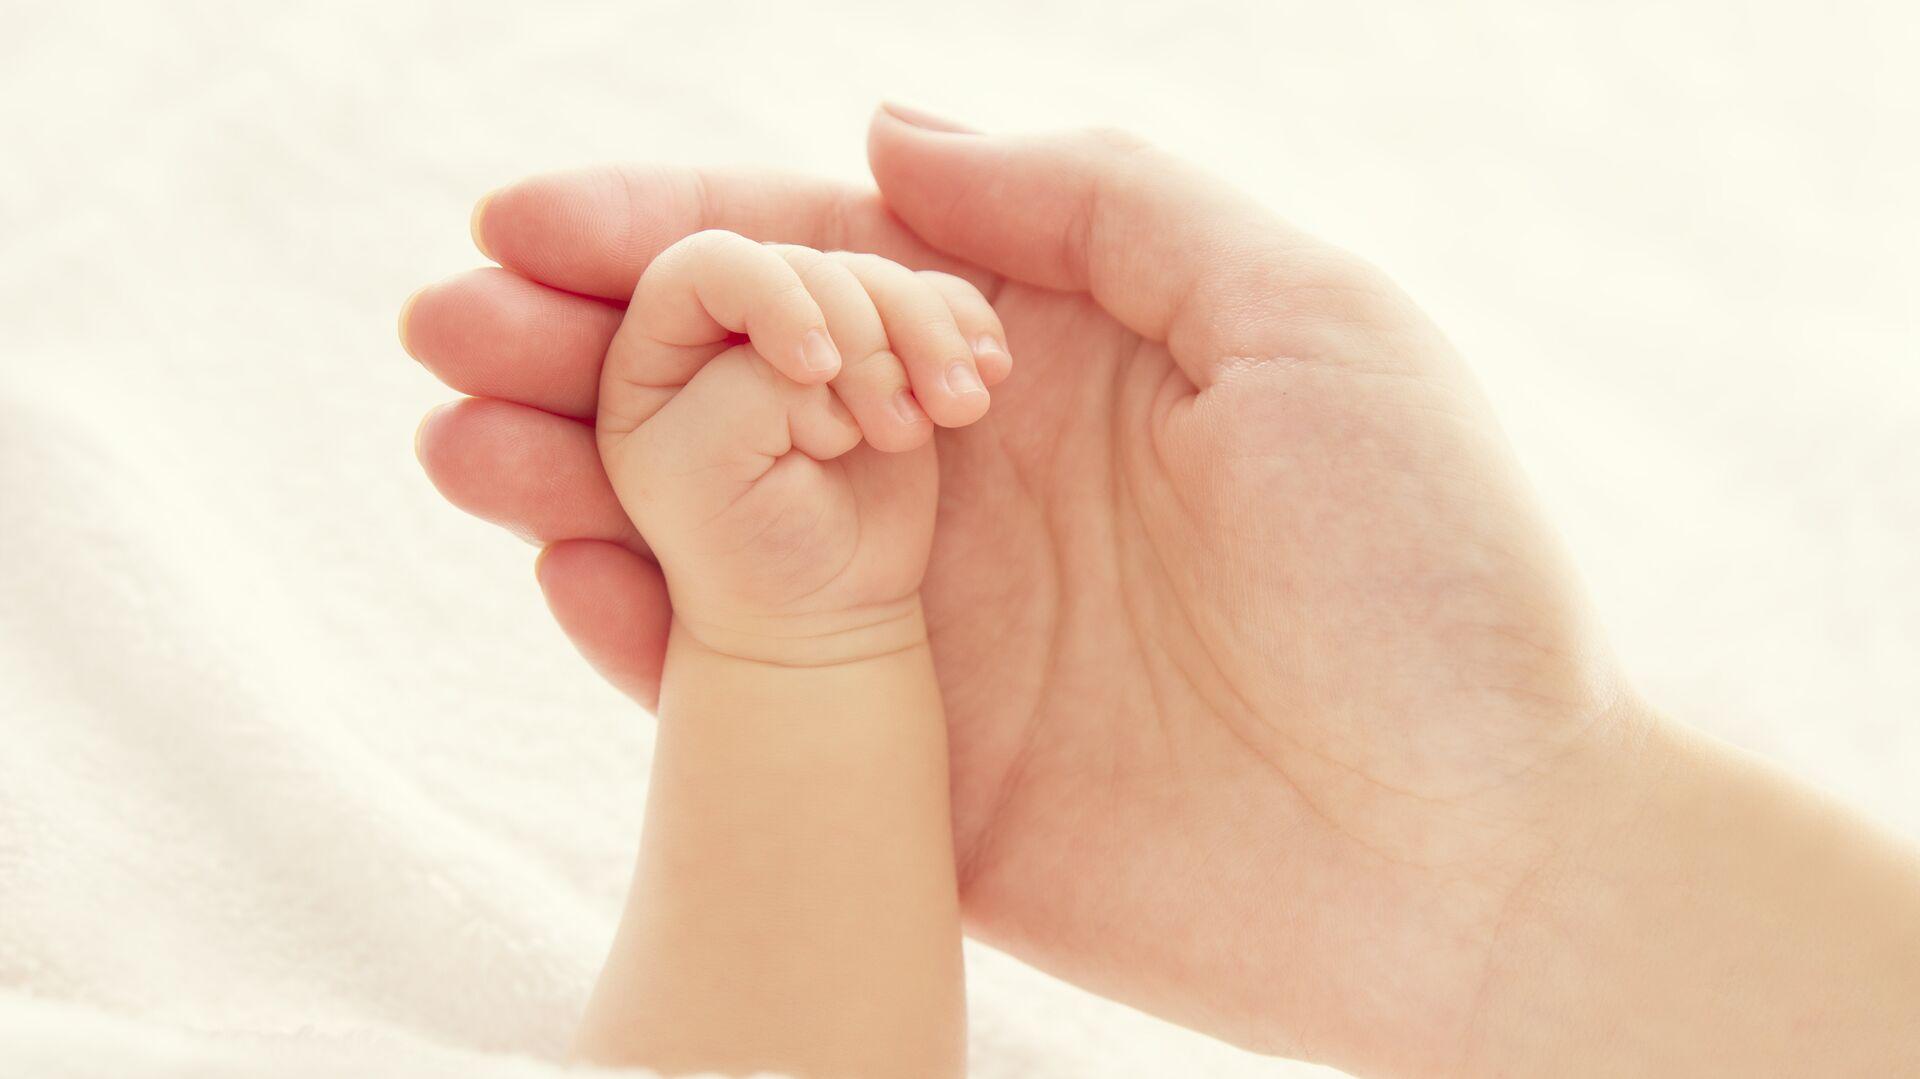 Руки ребенка и матери - РИА Новости, 1920, 17.06.2020